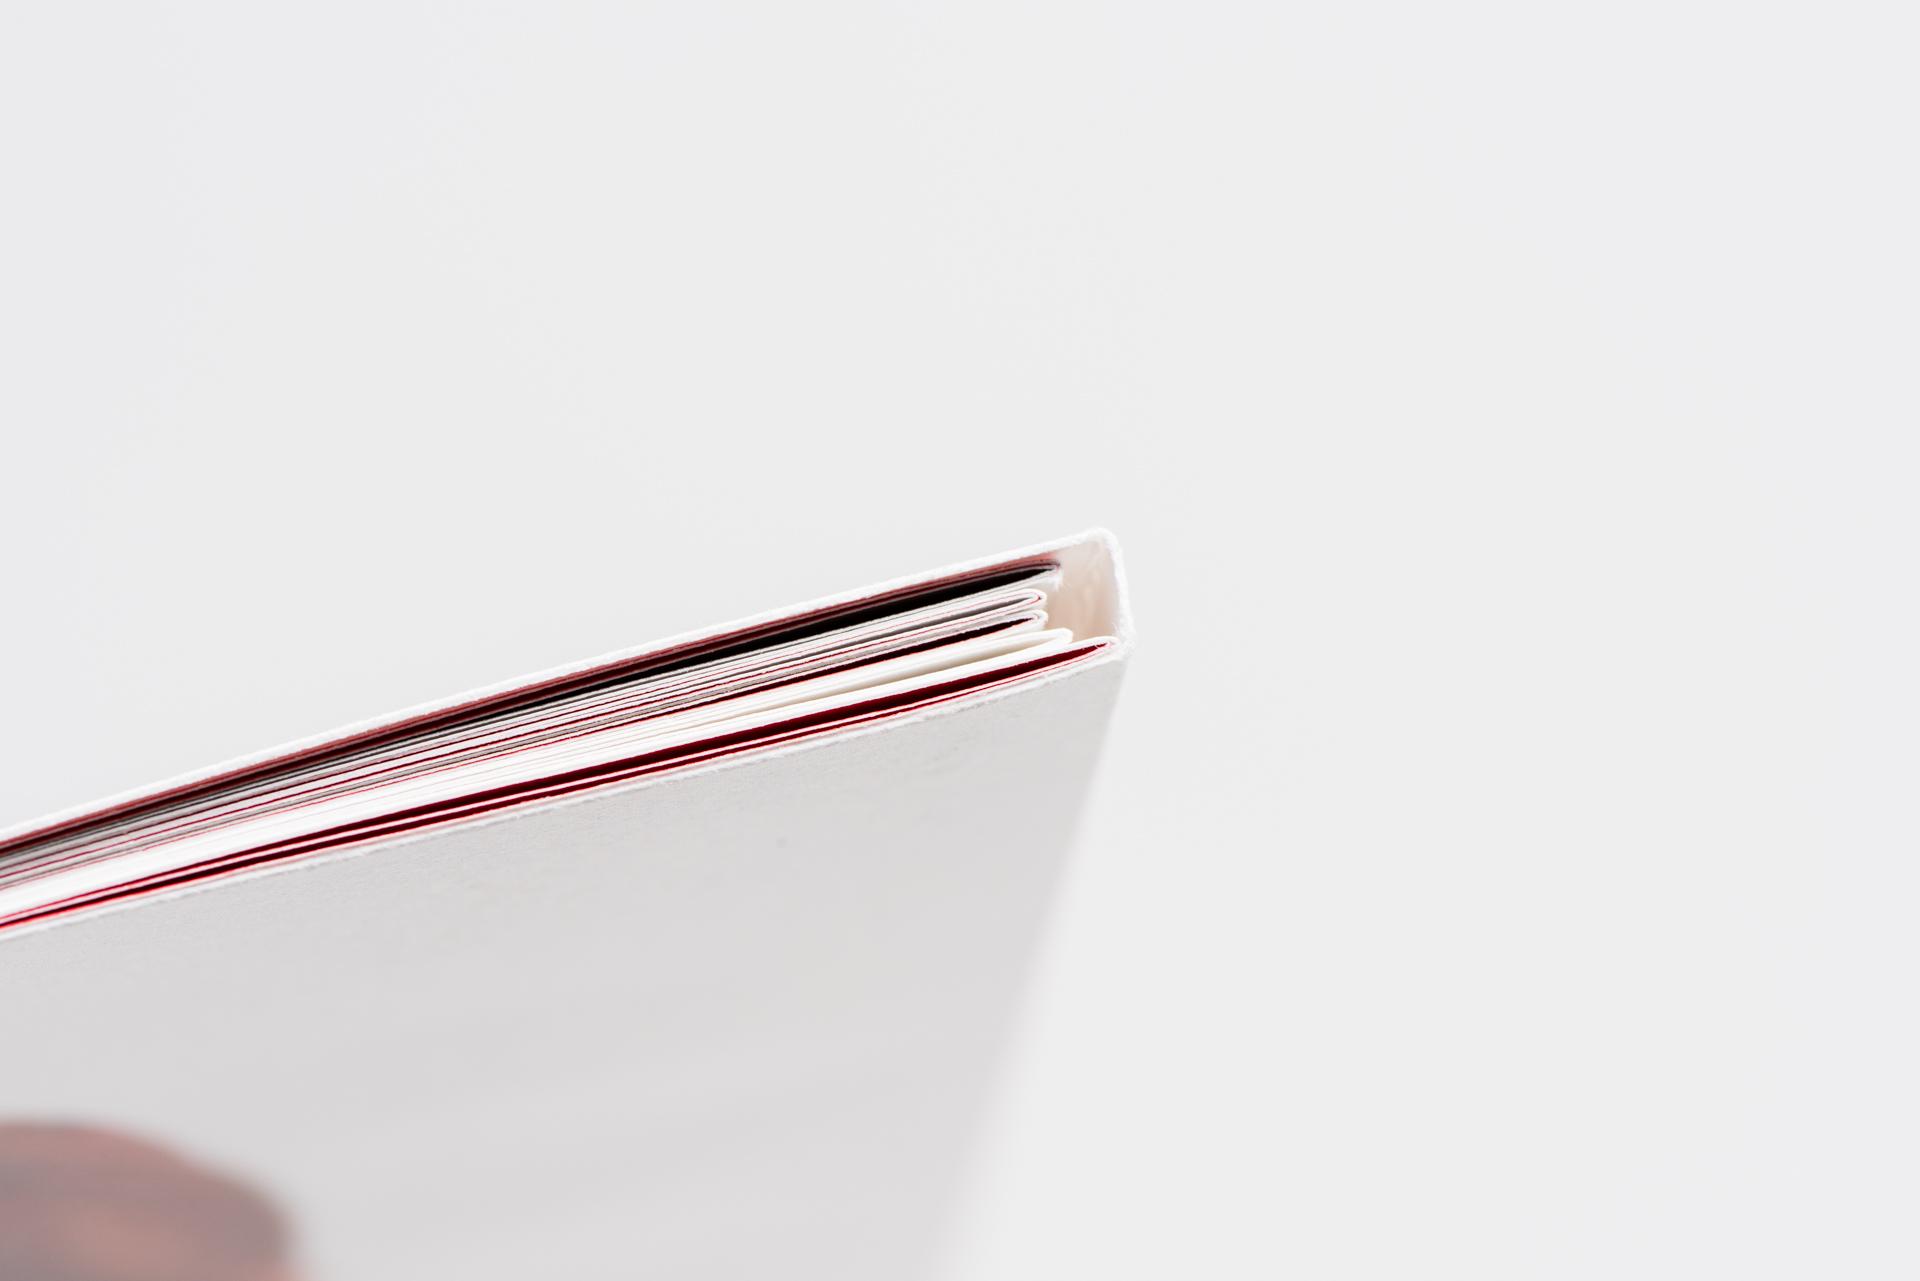 20151113-book-10.jpg